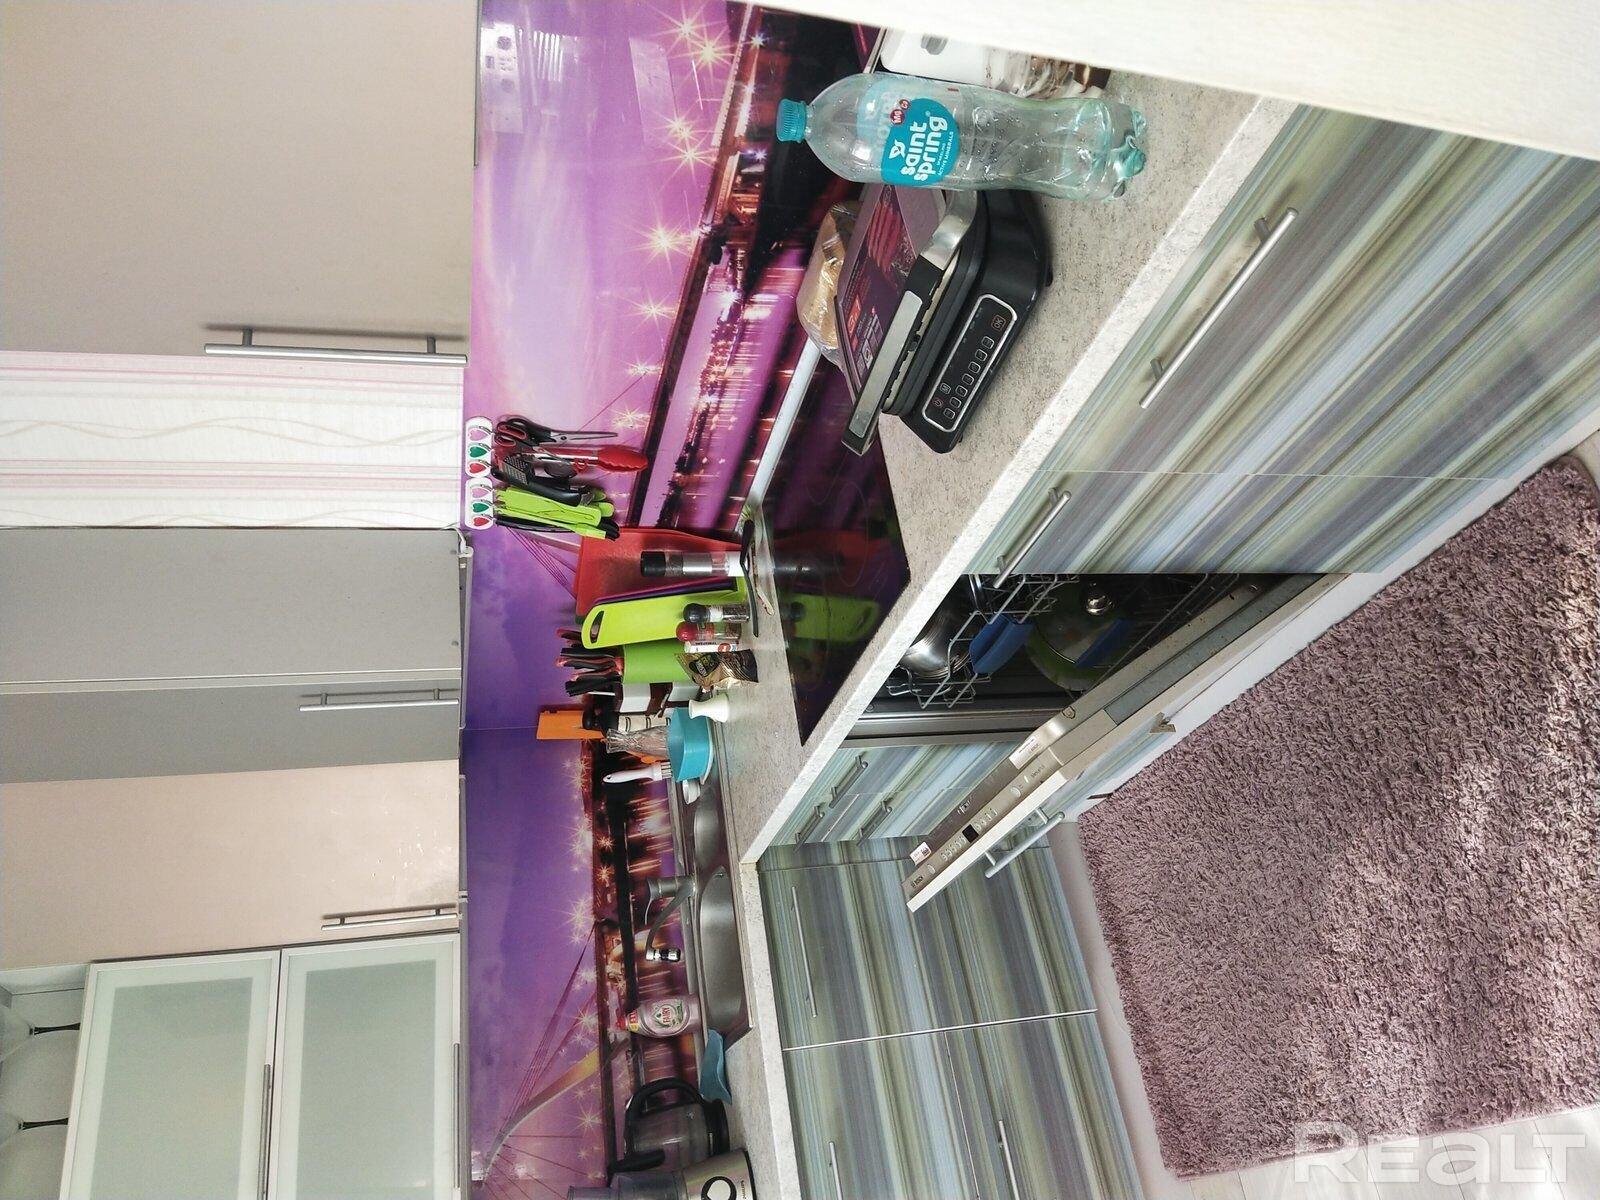 Продажа 3-х комнатной квартиры в г. Могилеве, пер. Октябрьский 3-й, дом 11 (р-н Мир). Цена 175 014 руб